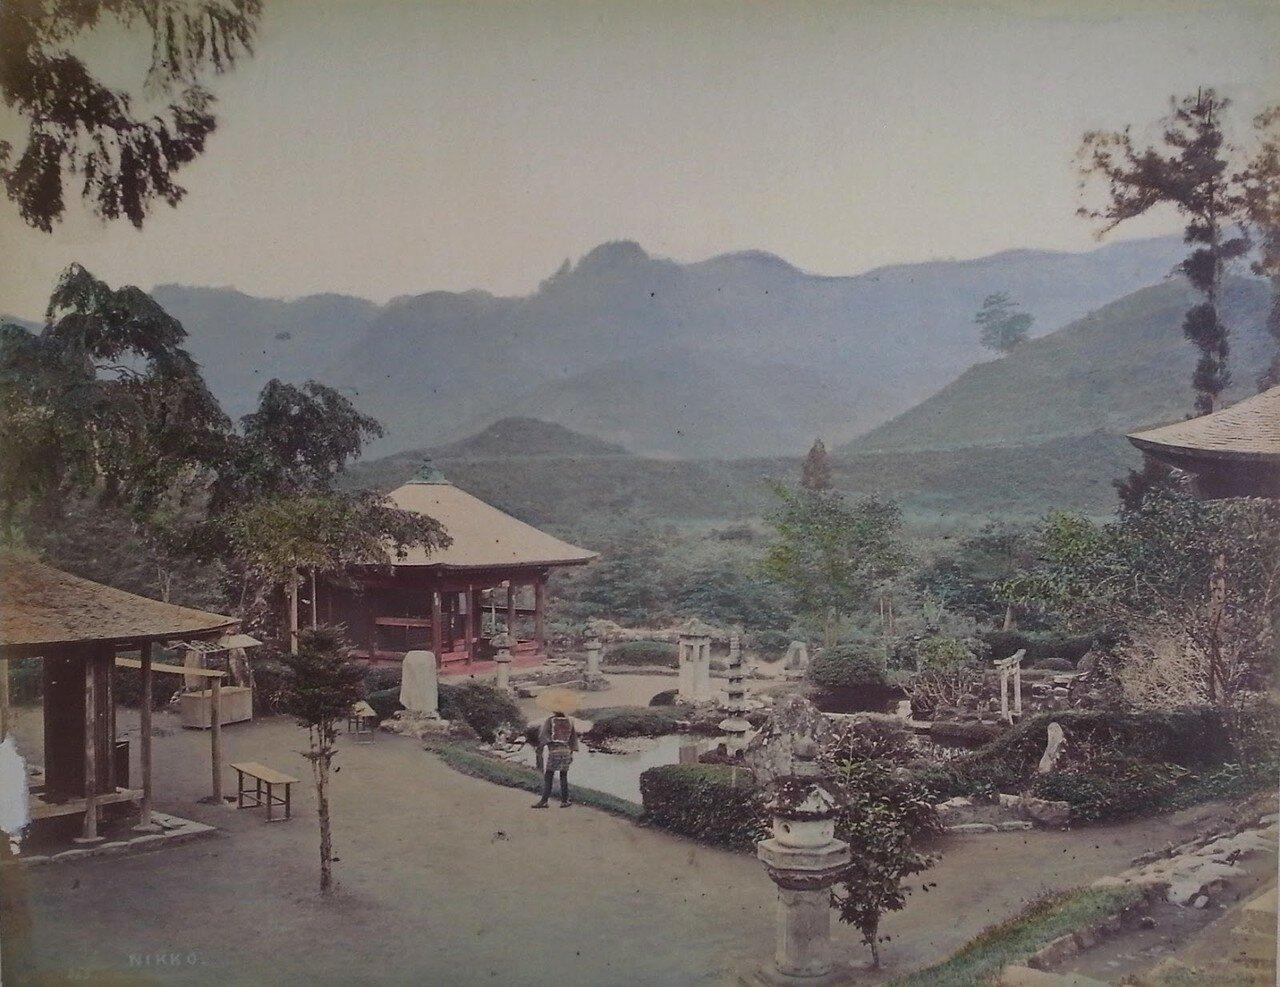 Храмовый сад в Никко